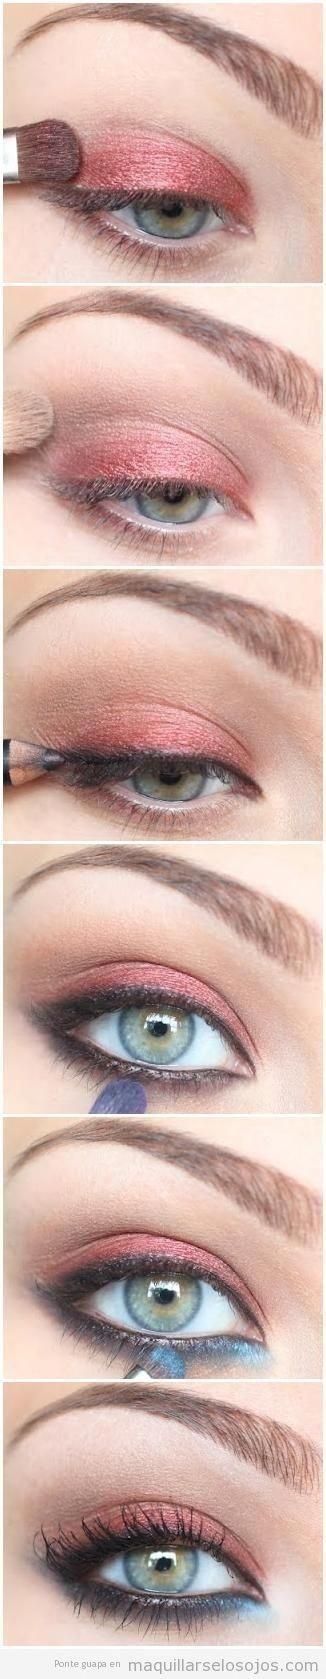 Tutorial paso a paso para maquillaje de ojos cobre y azul by tiquis-miquis #ombr…